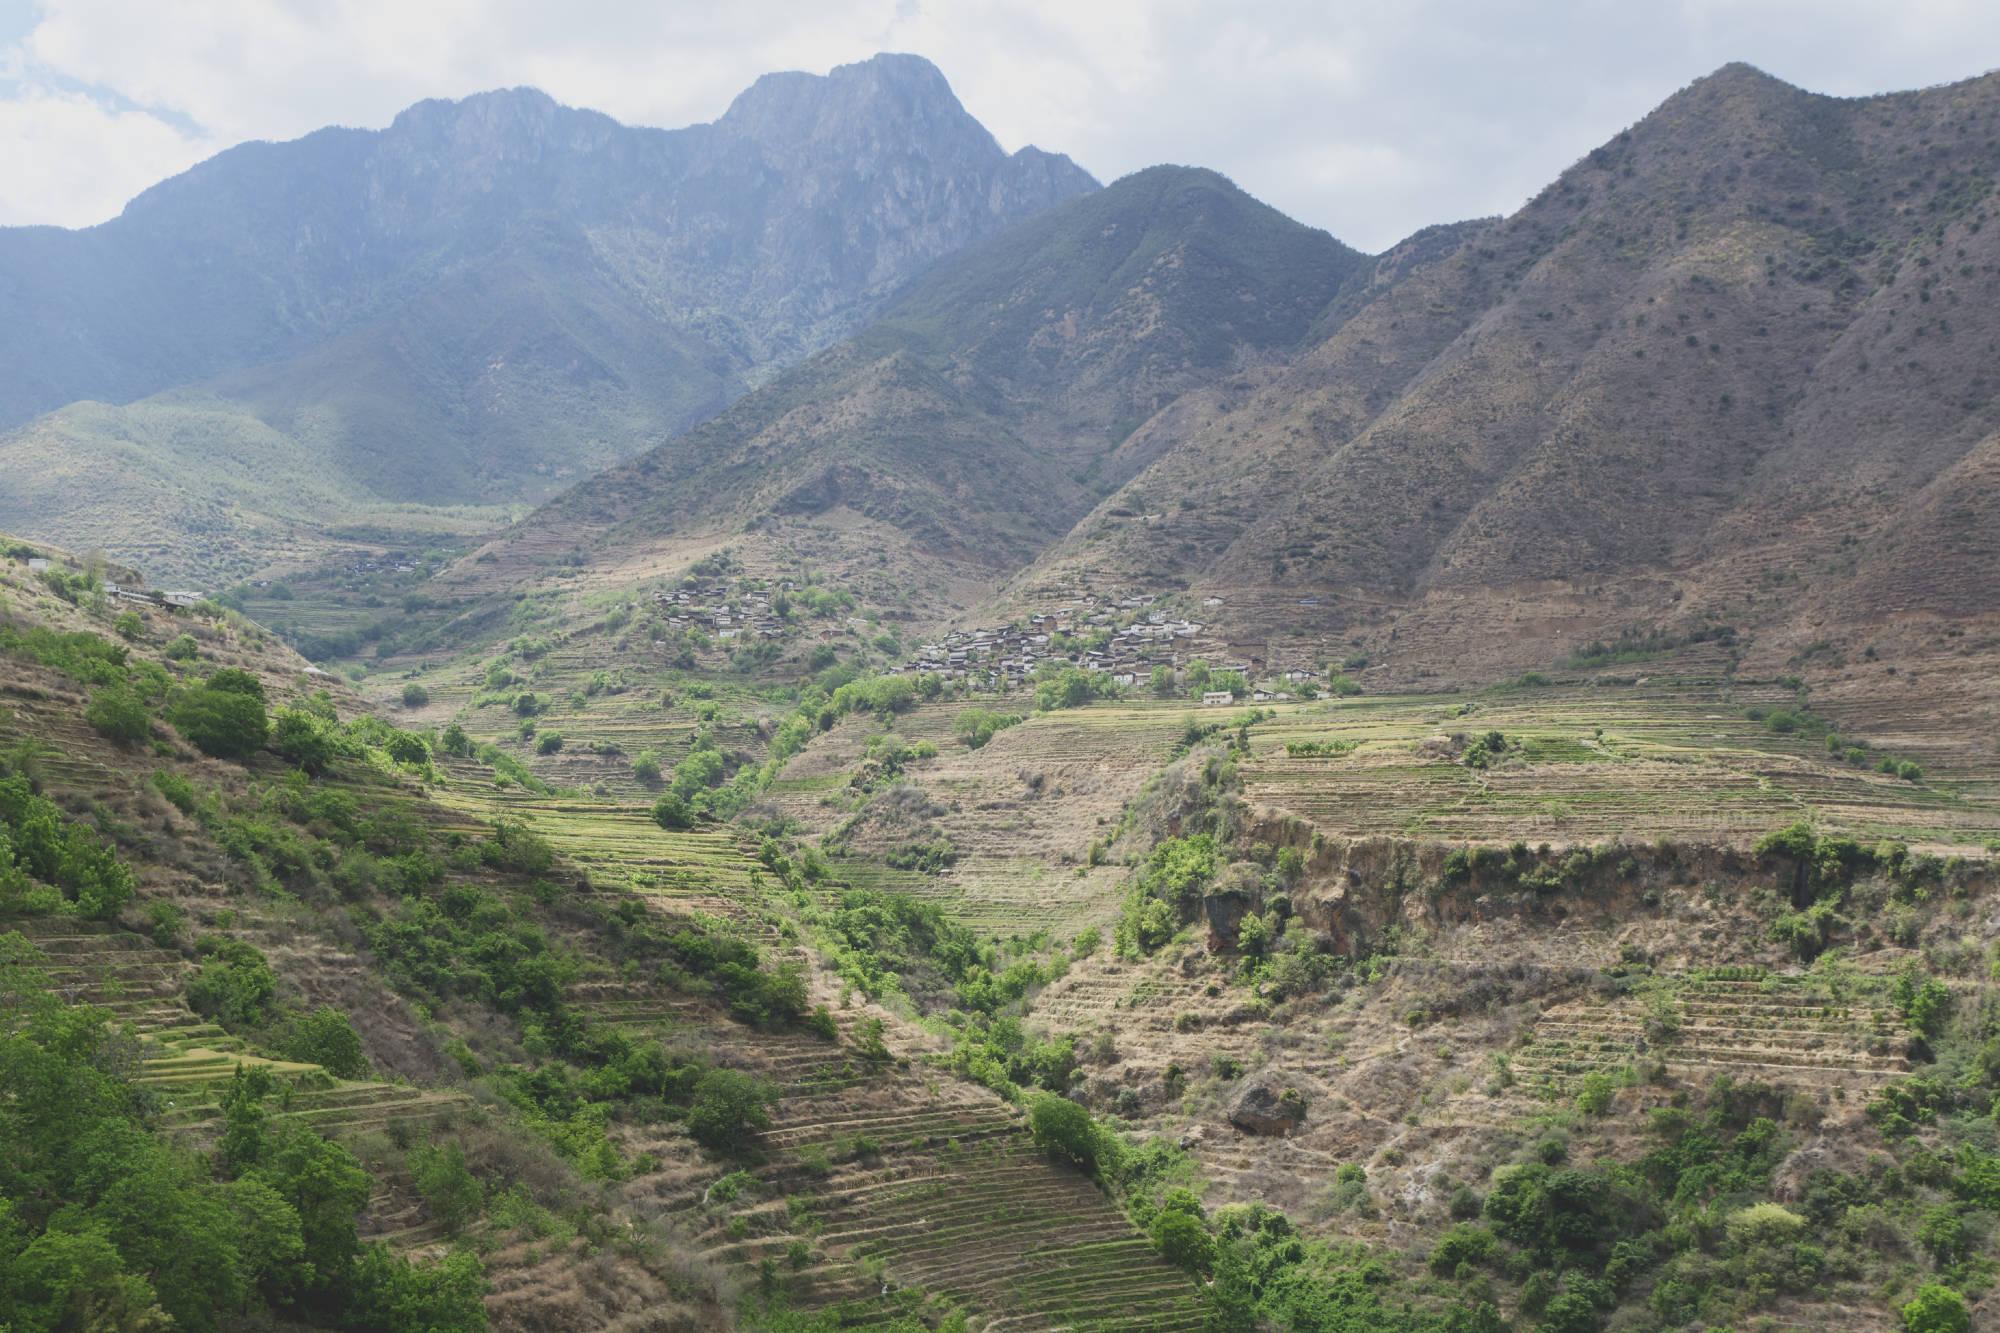 Montagne et cultures en terrasses au-dessus de Baoshan